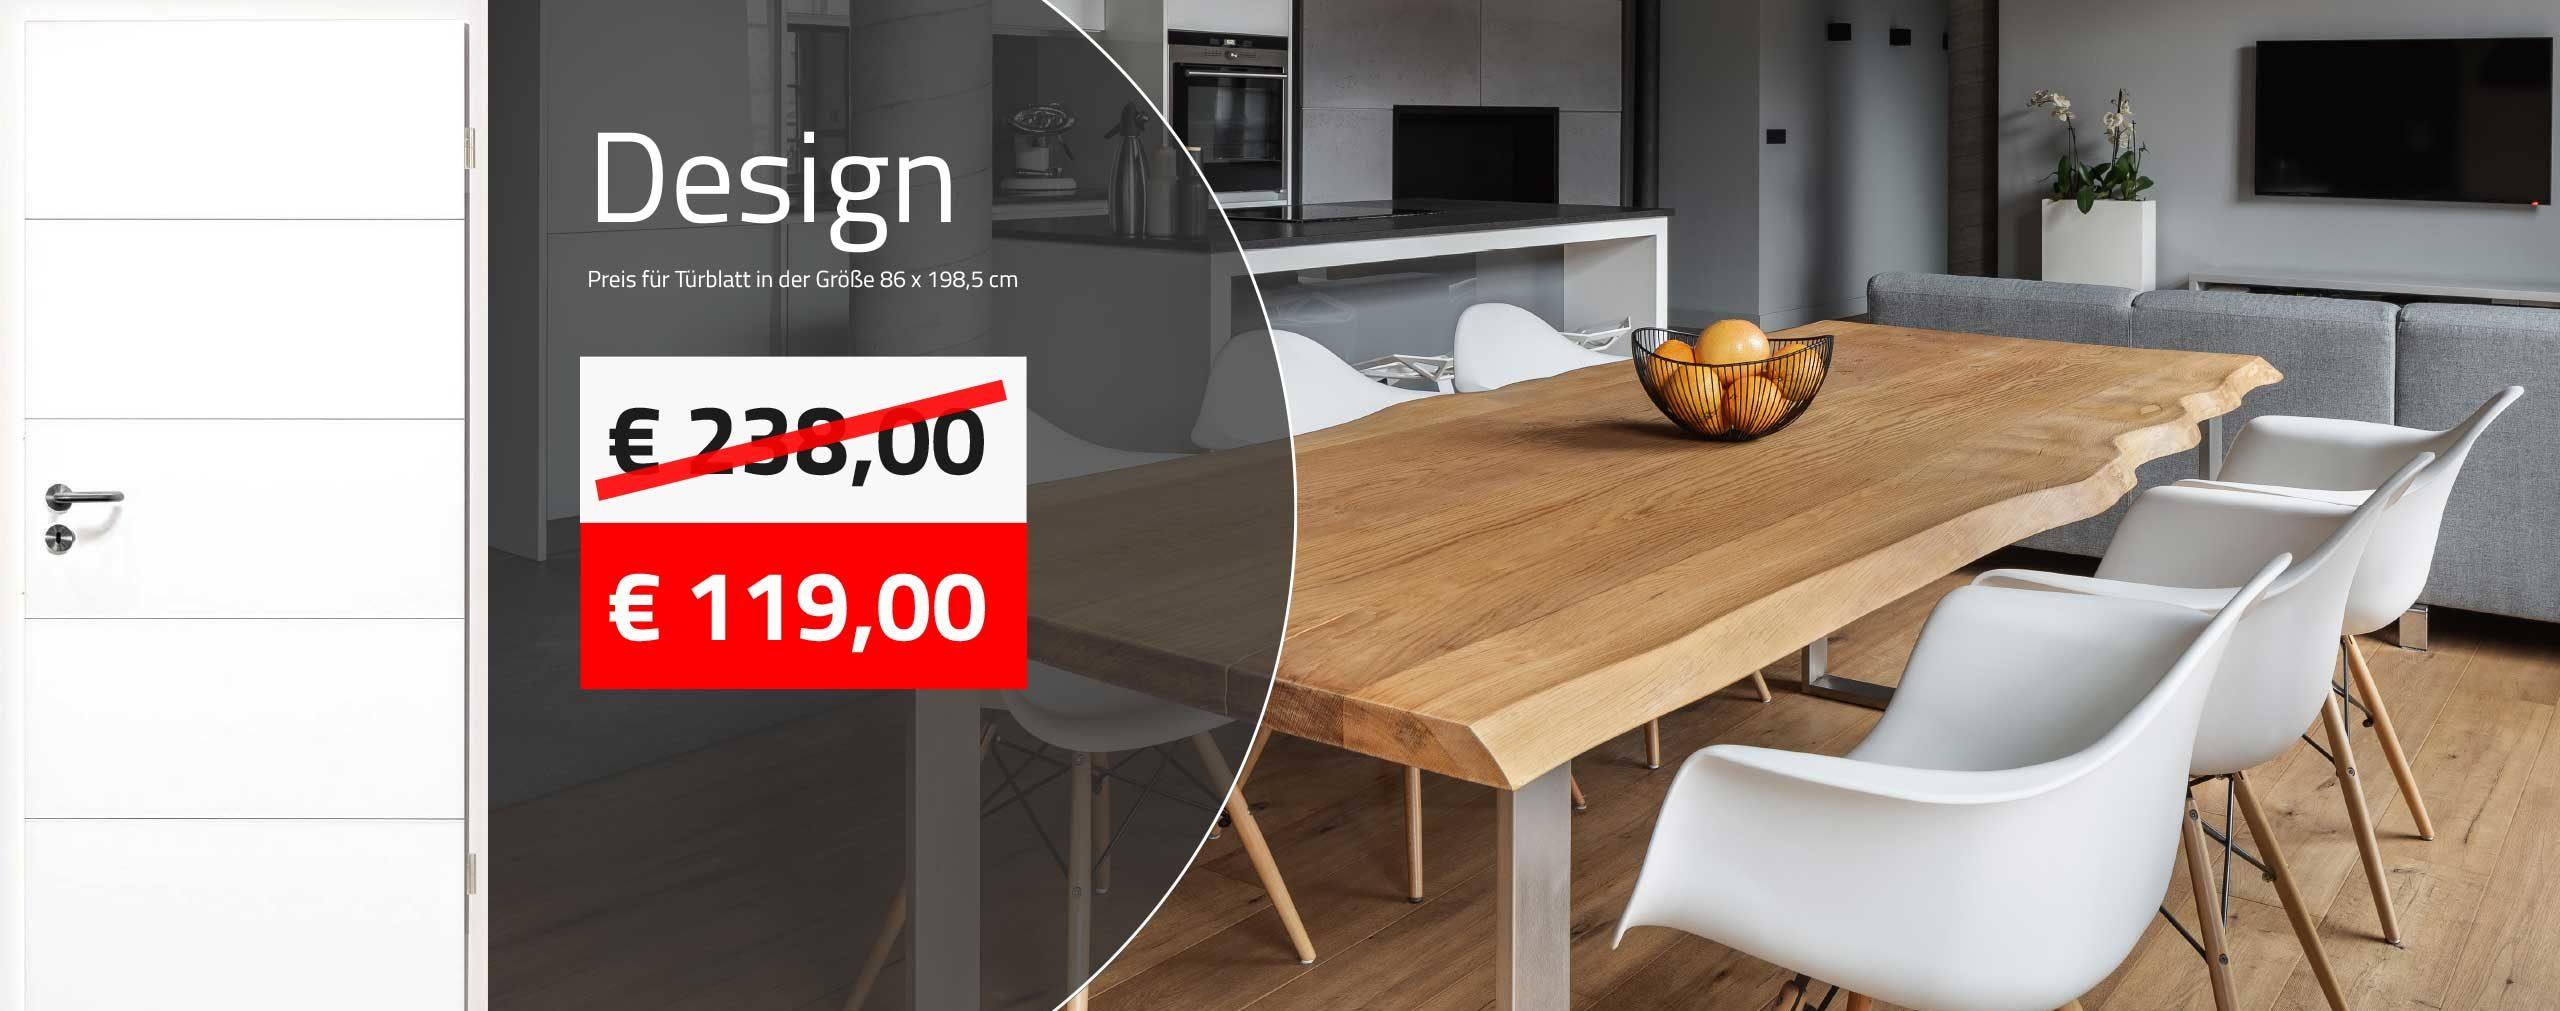 Innentüren kaufen - Design Zimmertüren ab 119,00 € kaufen